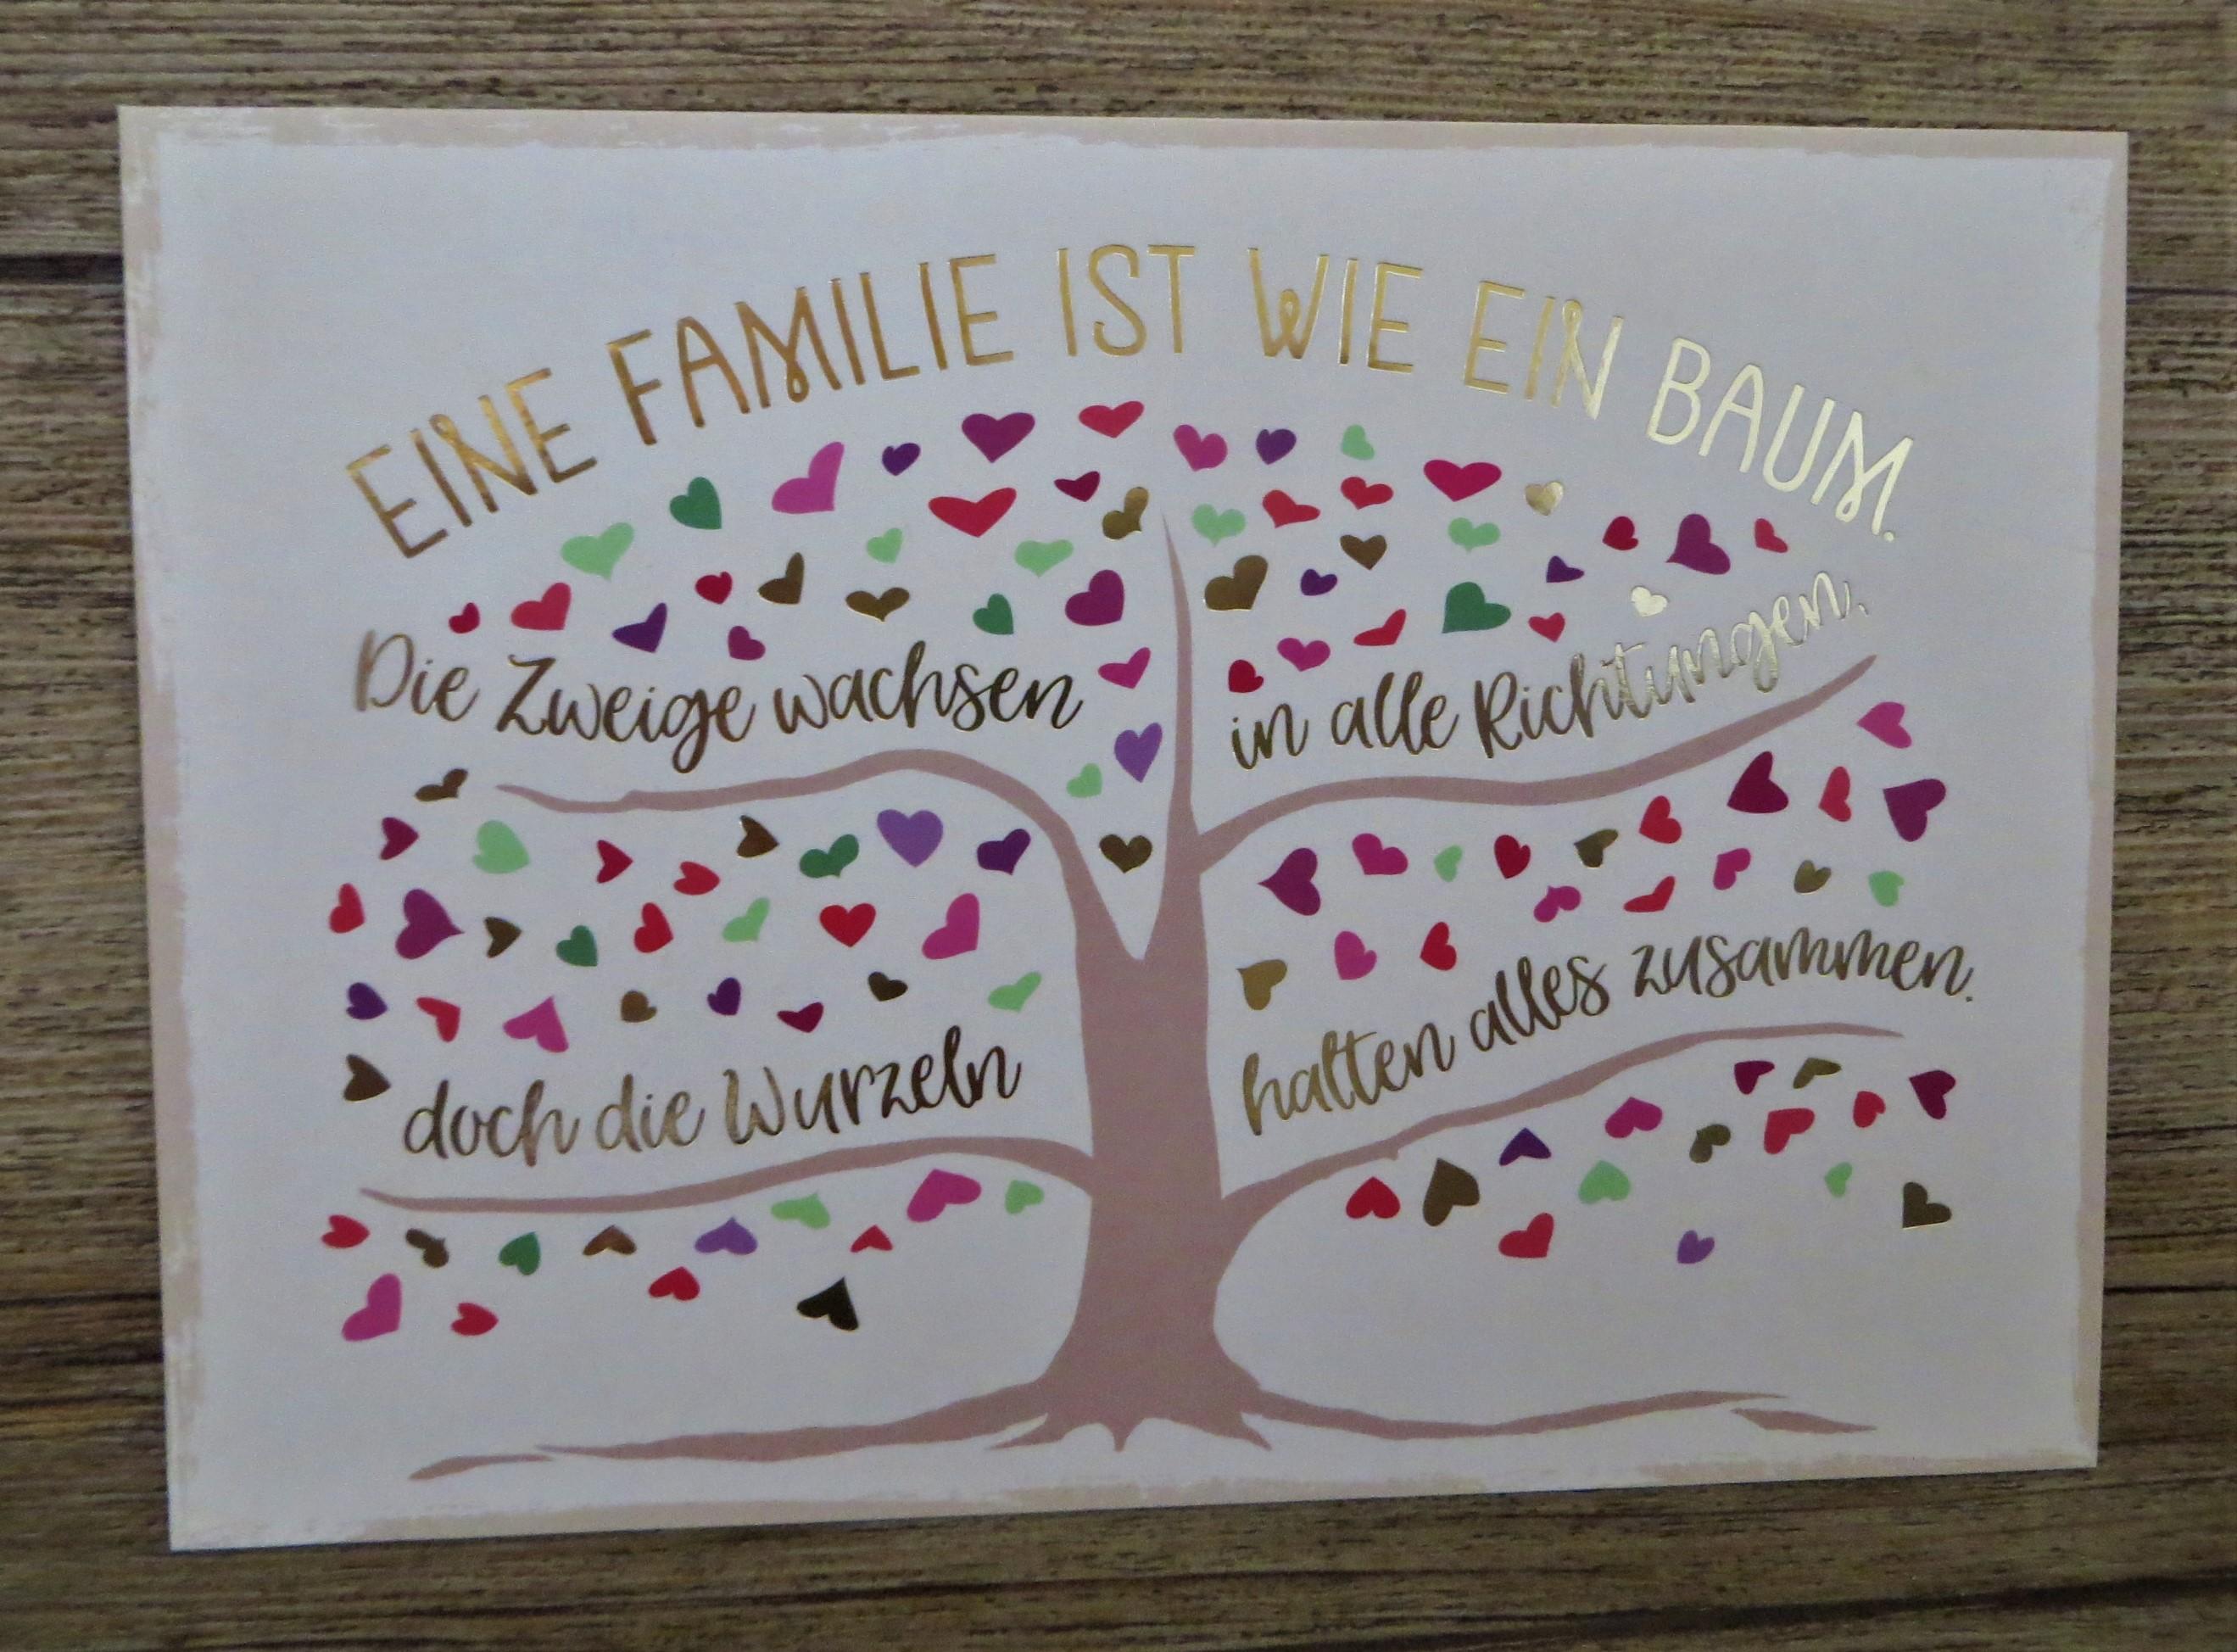 Nützlichgrusskarten - Postkarte EINE FAMILIE IST WIE EIN BAUM. Die Zweige wachsen in alle Richtungen... VintageArt - Onlineshop Tante Emmer